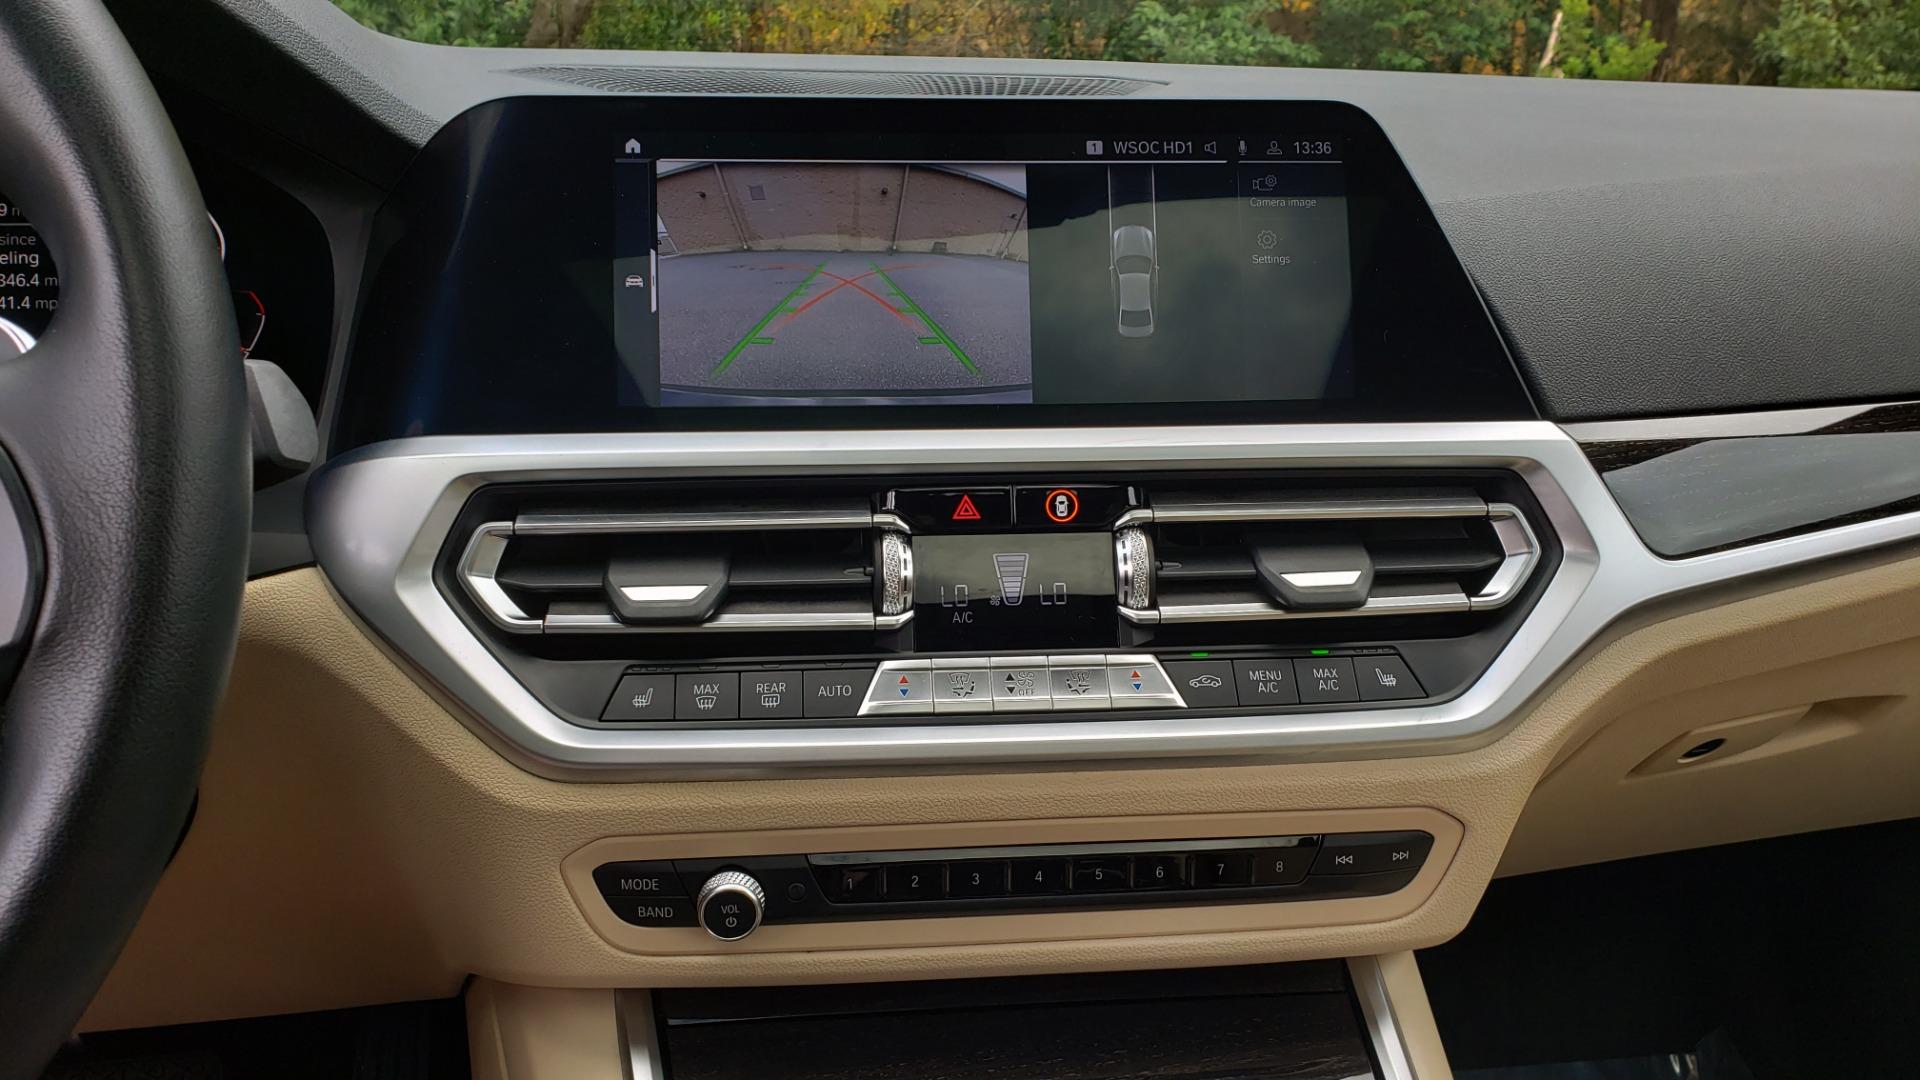 Used 2019 BMW 3 SERIES 330I PREM PKG / NAV / CONV PKG / H&K SND / LIVE COCKPIT PRO for sale Sold at Formula Imports in Charlotte NC 28227 47